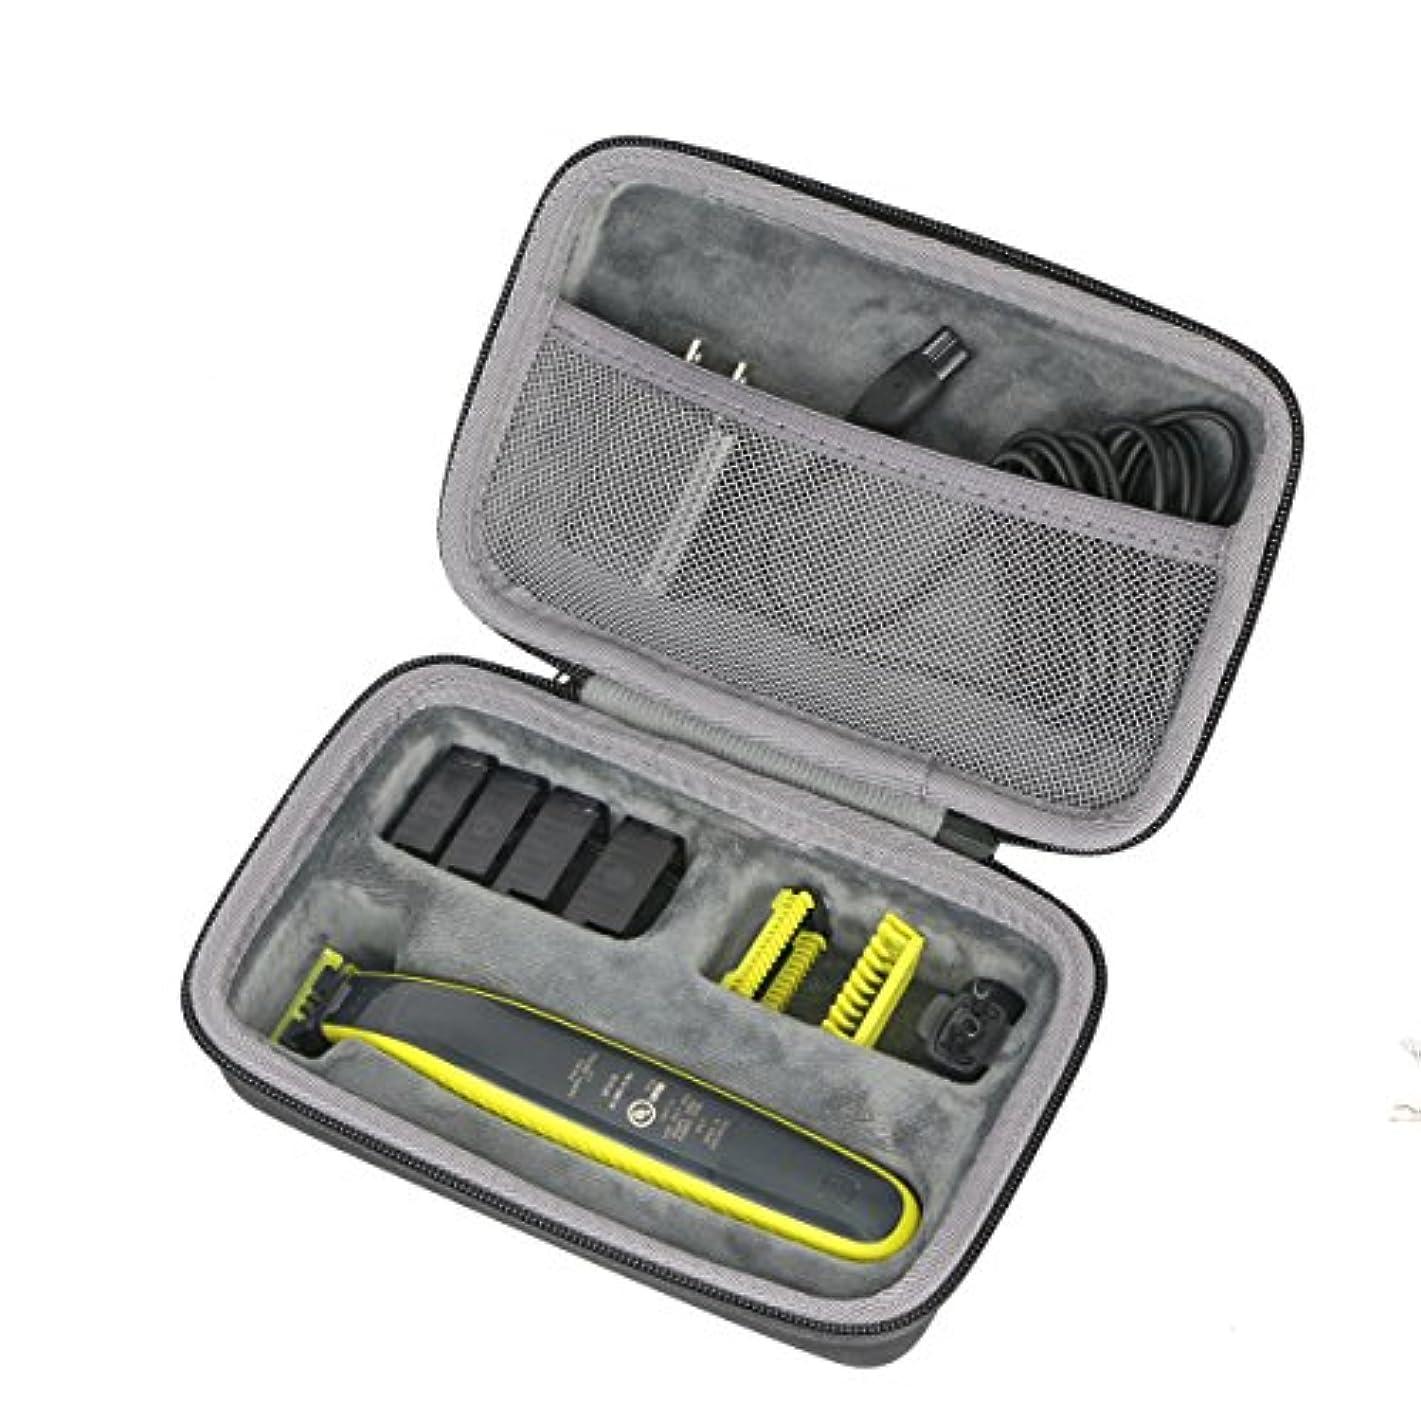 理由忘れる看板Philips Norelco OneBlade Hybrid Rechargeable Trimmer QP2630/70ノ専用旅行収納 デザインノco2CREA バッグ